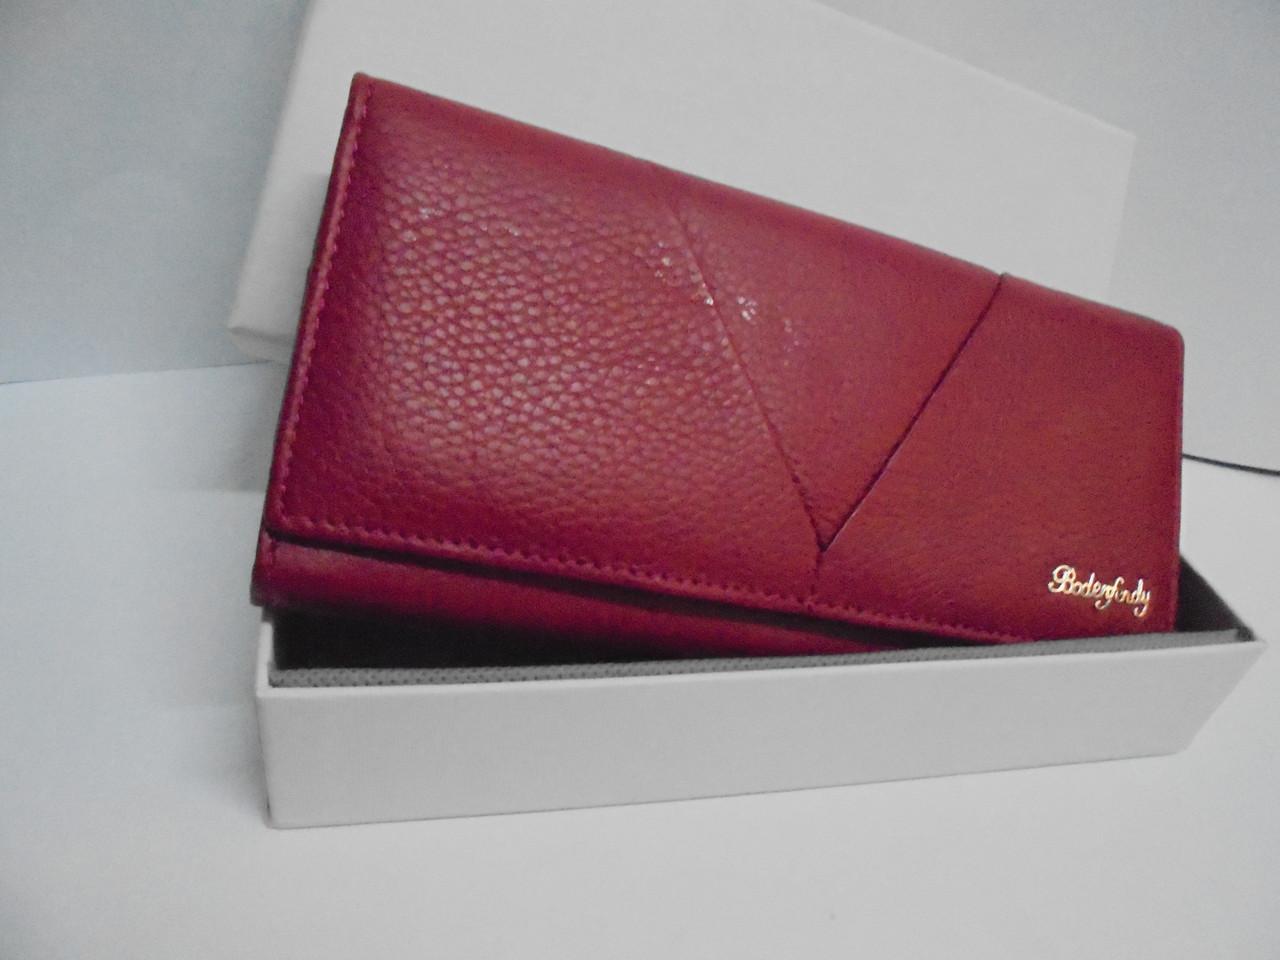 efc9b8e349ae Женский кошелек Boden Fendy B 806-147 H-Pink, кошельки, оригинальные подарки,  женские кошельки, портмоне